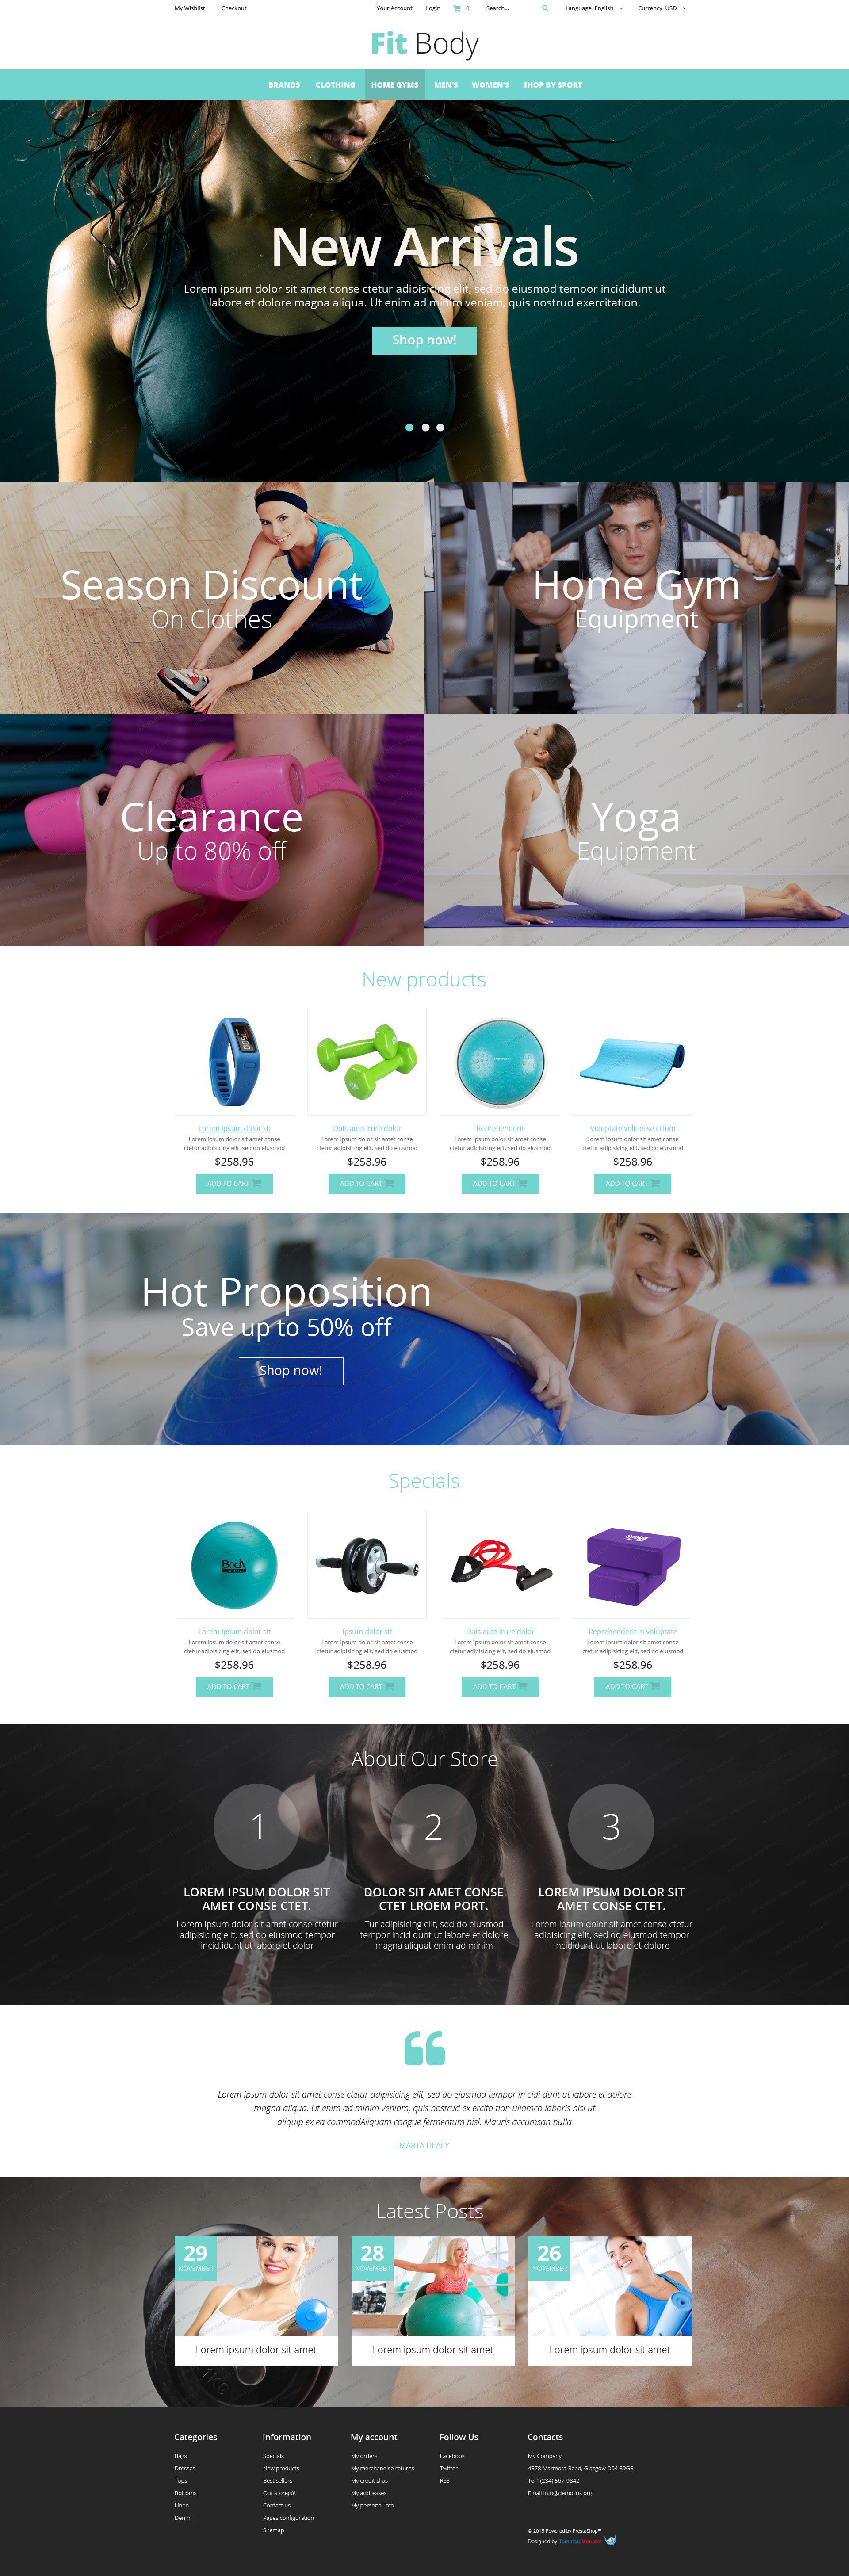 Reszponzív Ingyenes fitnesszel kapcsolatos Magento téma Magento sablon 53327